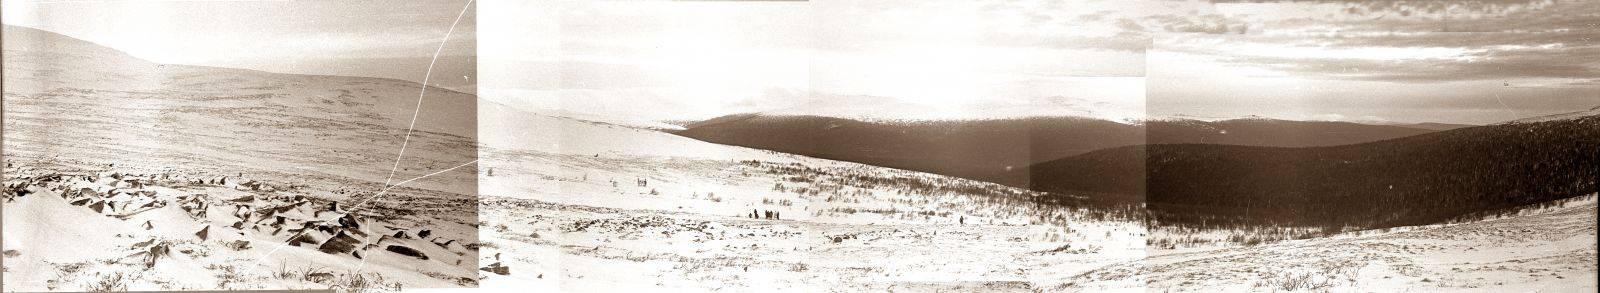 Вид у подножия горы Холатчахль зимой 1959 года (вид на северный отрог и долину реки Лозьва )